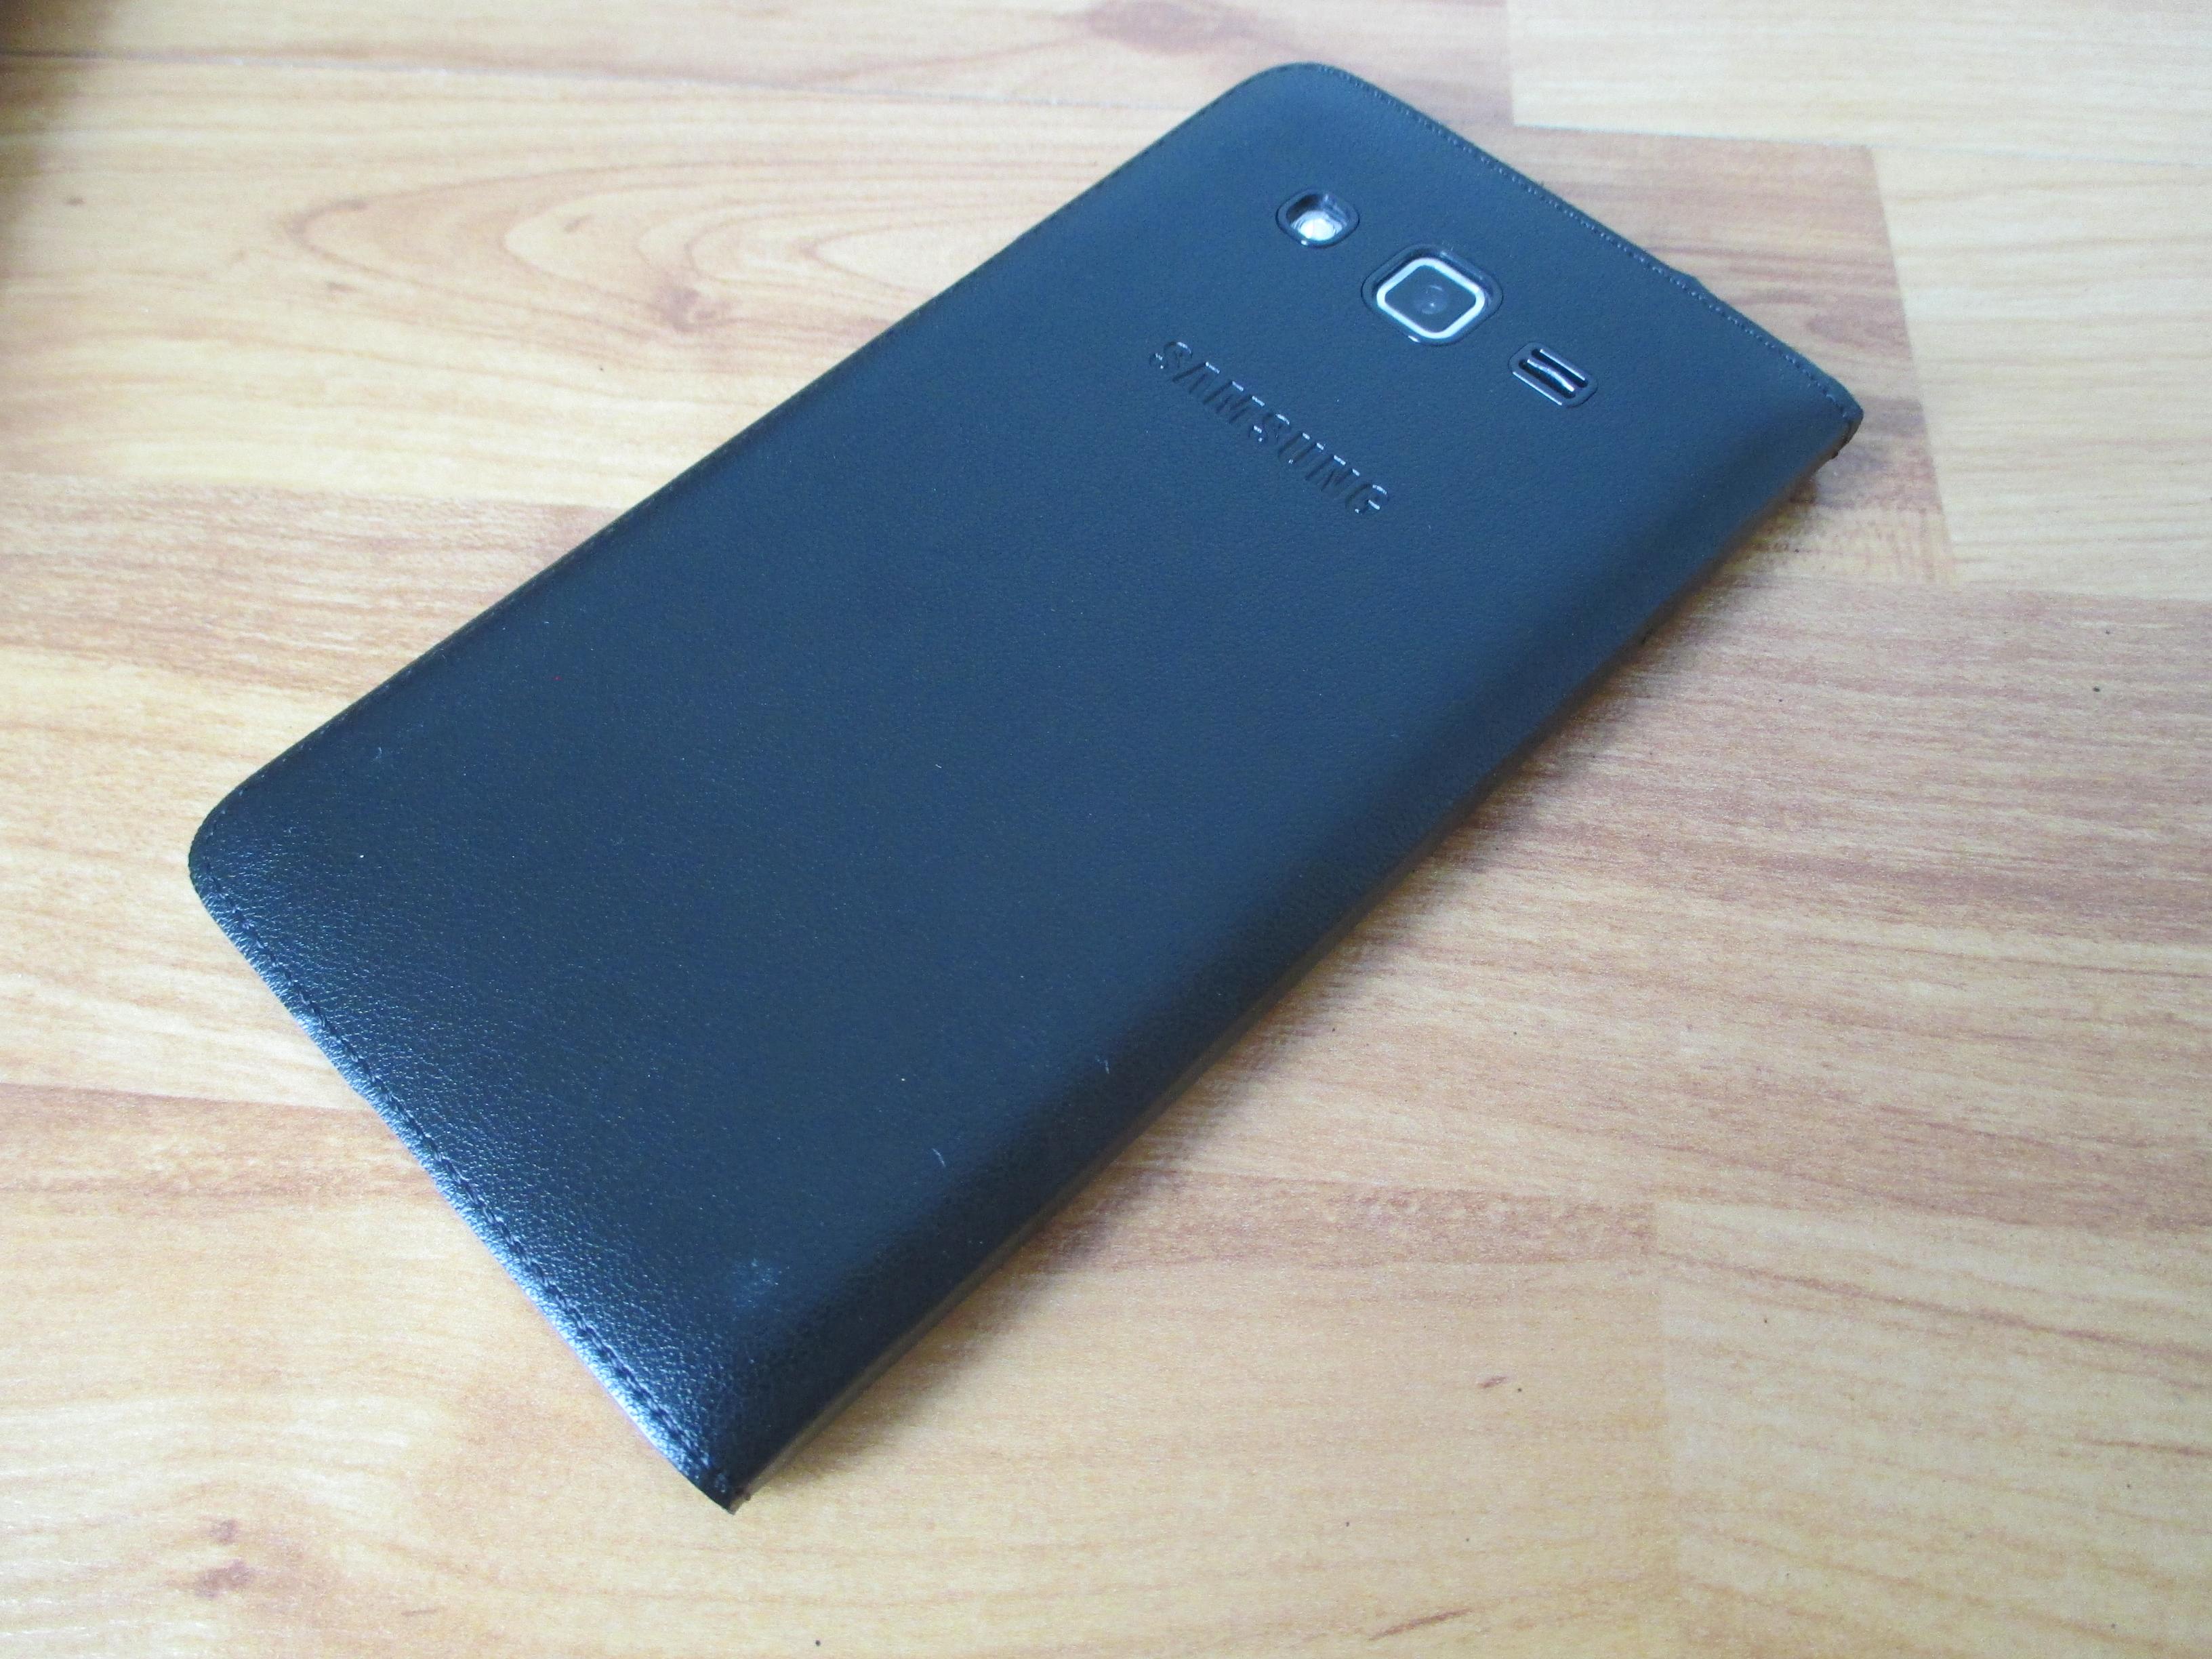 Dengan smart cover resmi bagian belakang Grand 2 jadi enak dipegang dan terlihat mahal